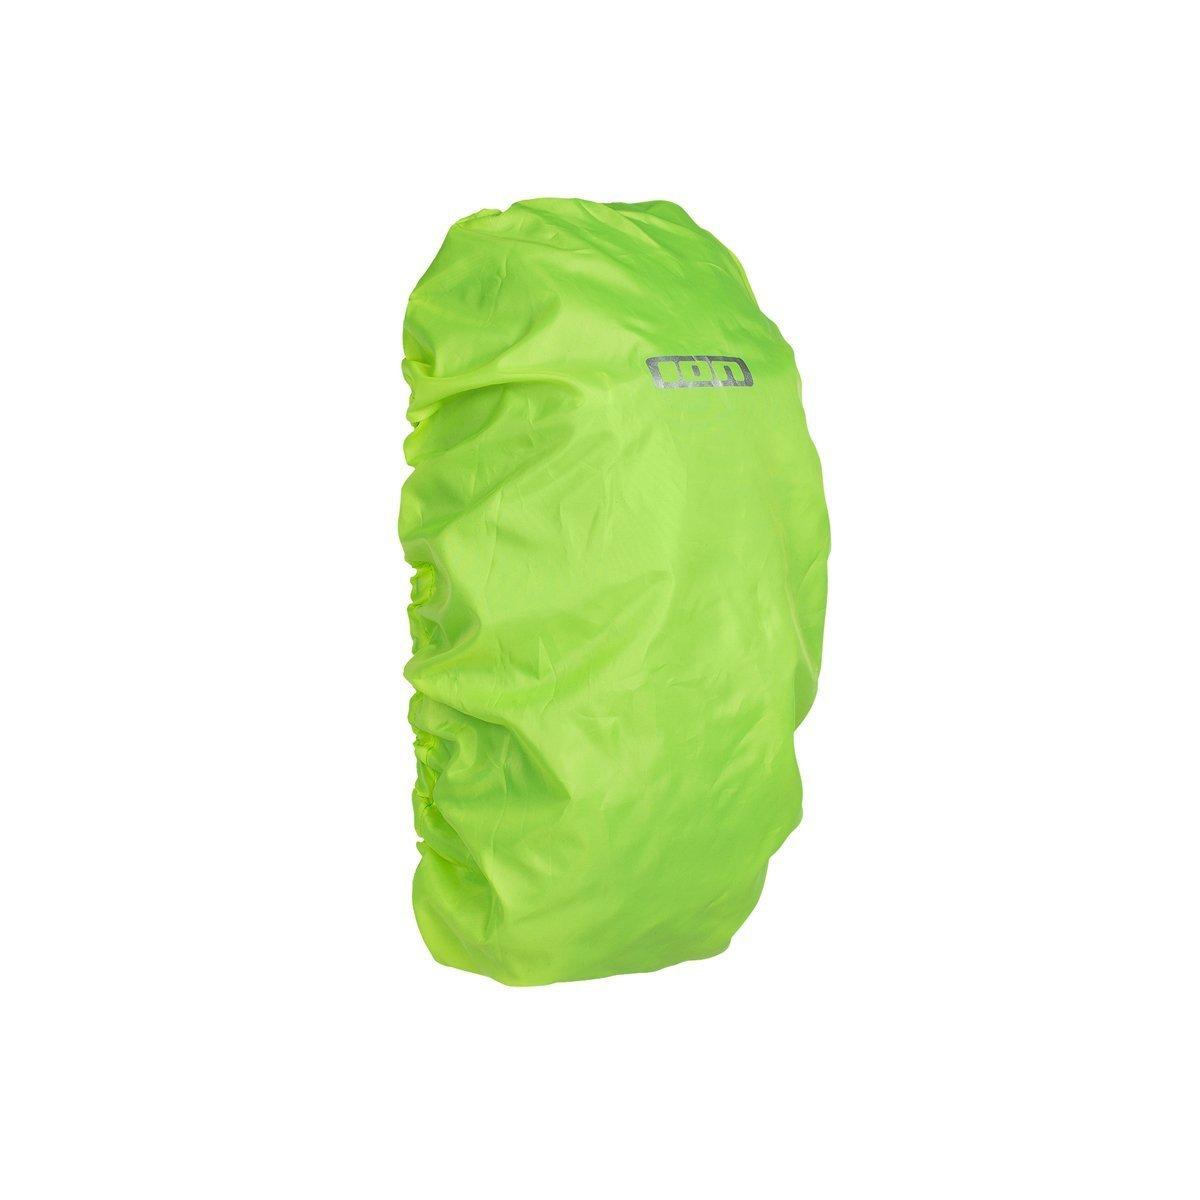 Ion Backpack Raincover Regenschutz für Rampart und Transom Rucksack grün